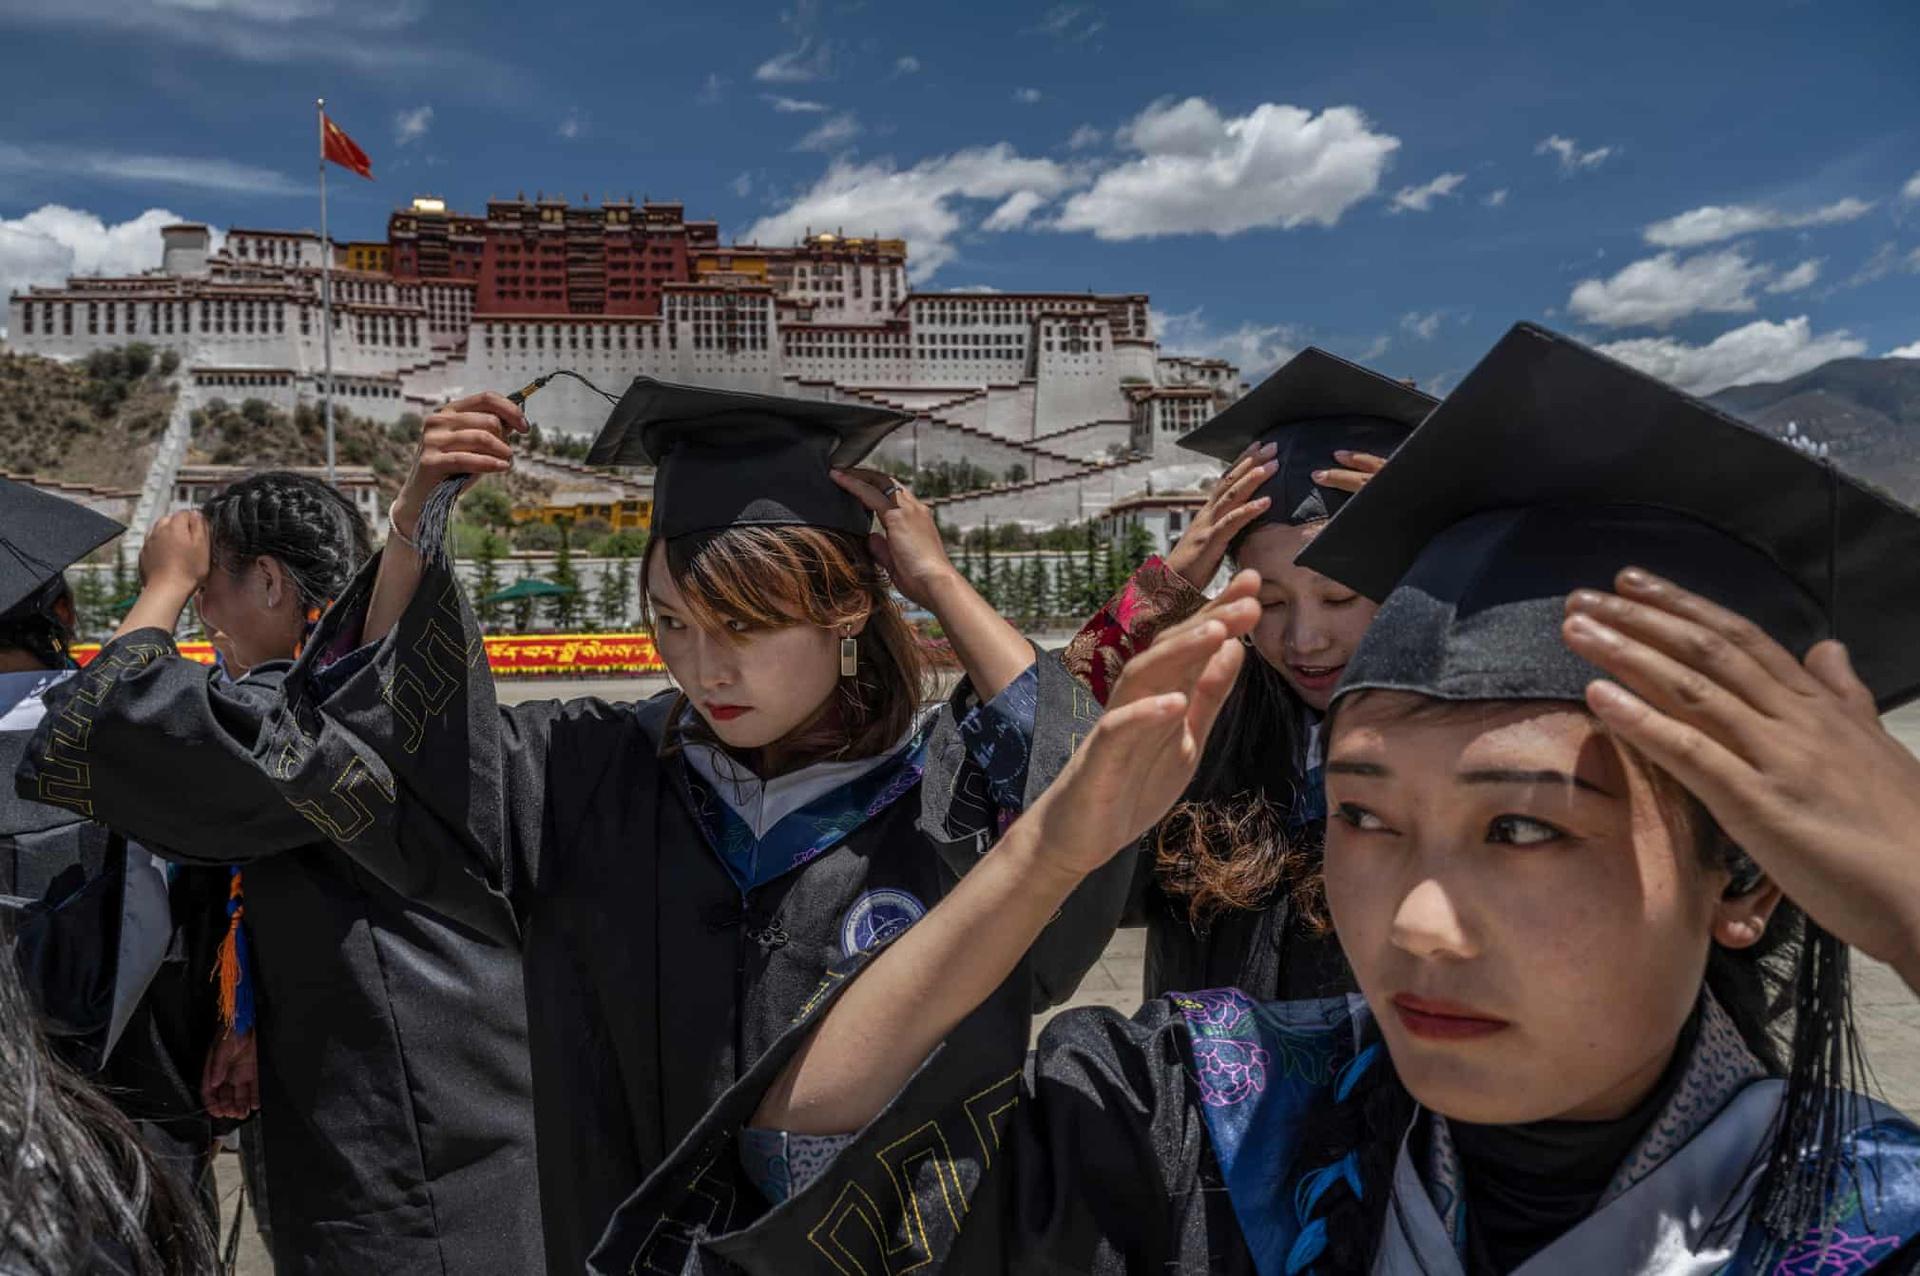 Sinh viên tốt nghiệp đại học chụp ảnh trước điện Potala.